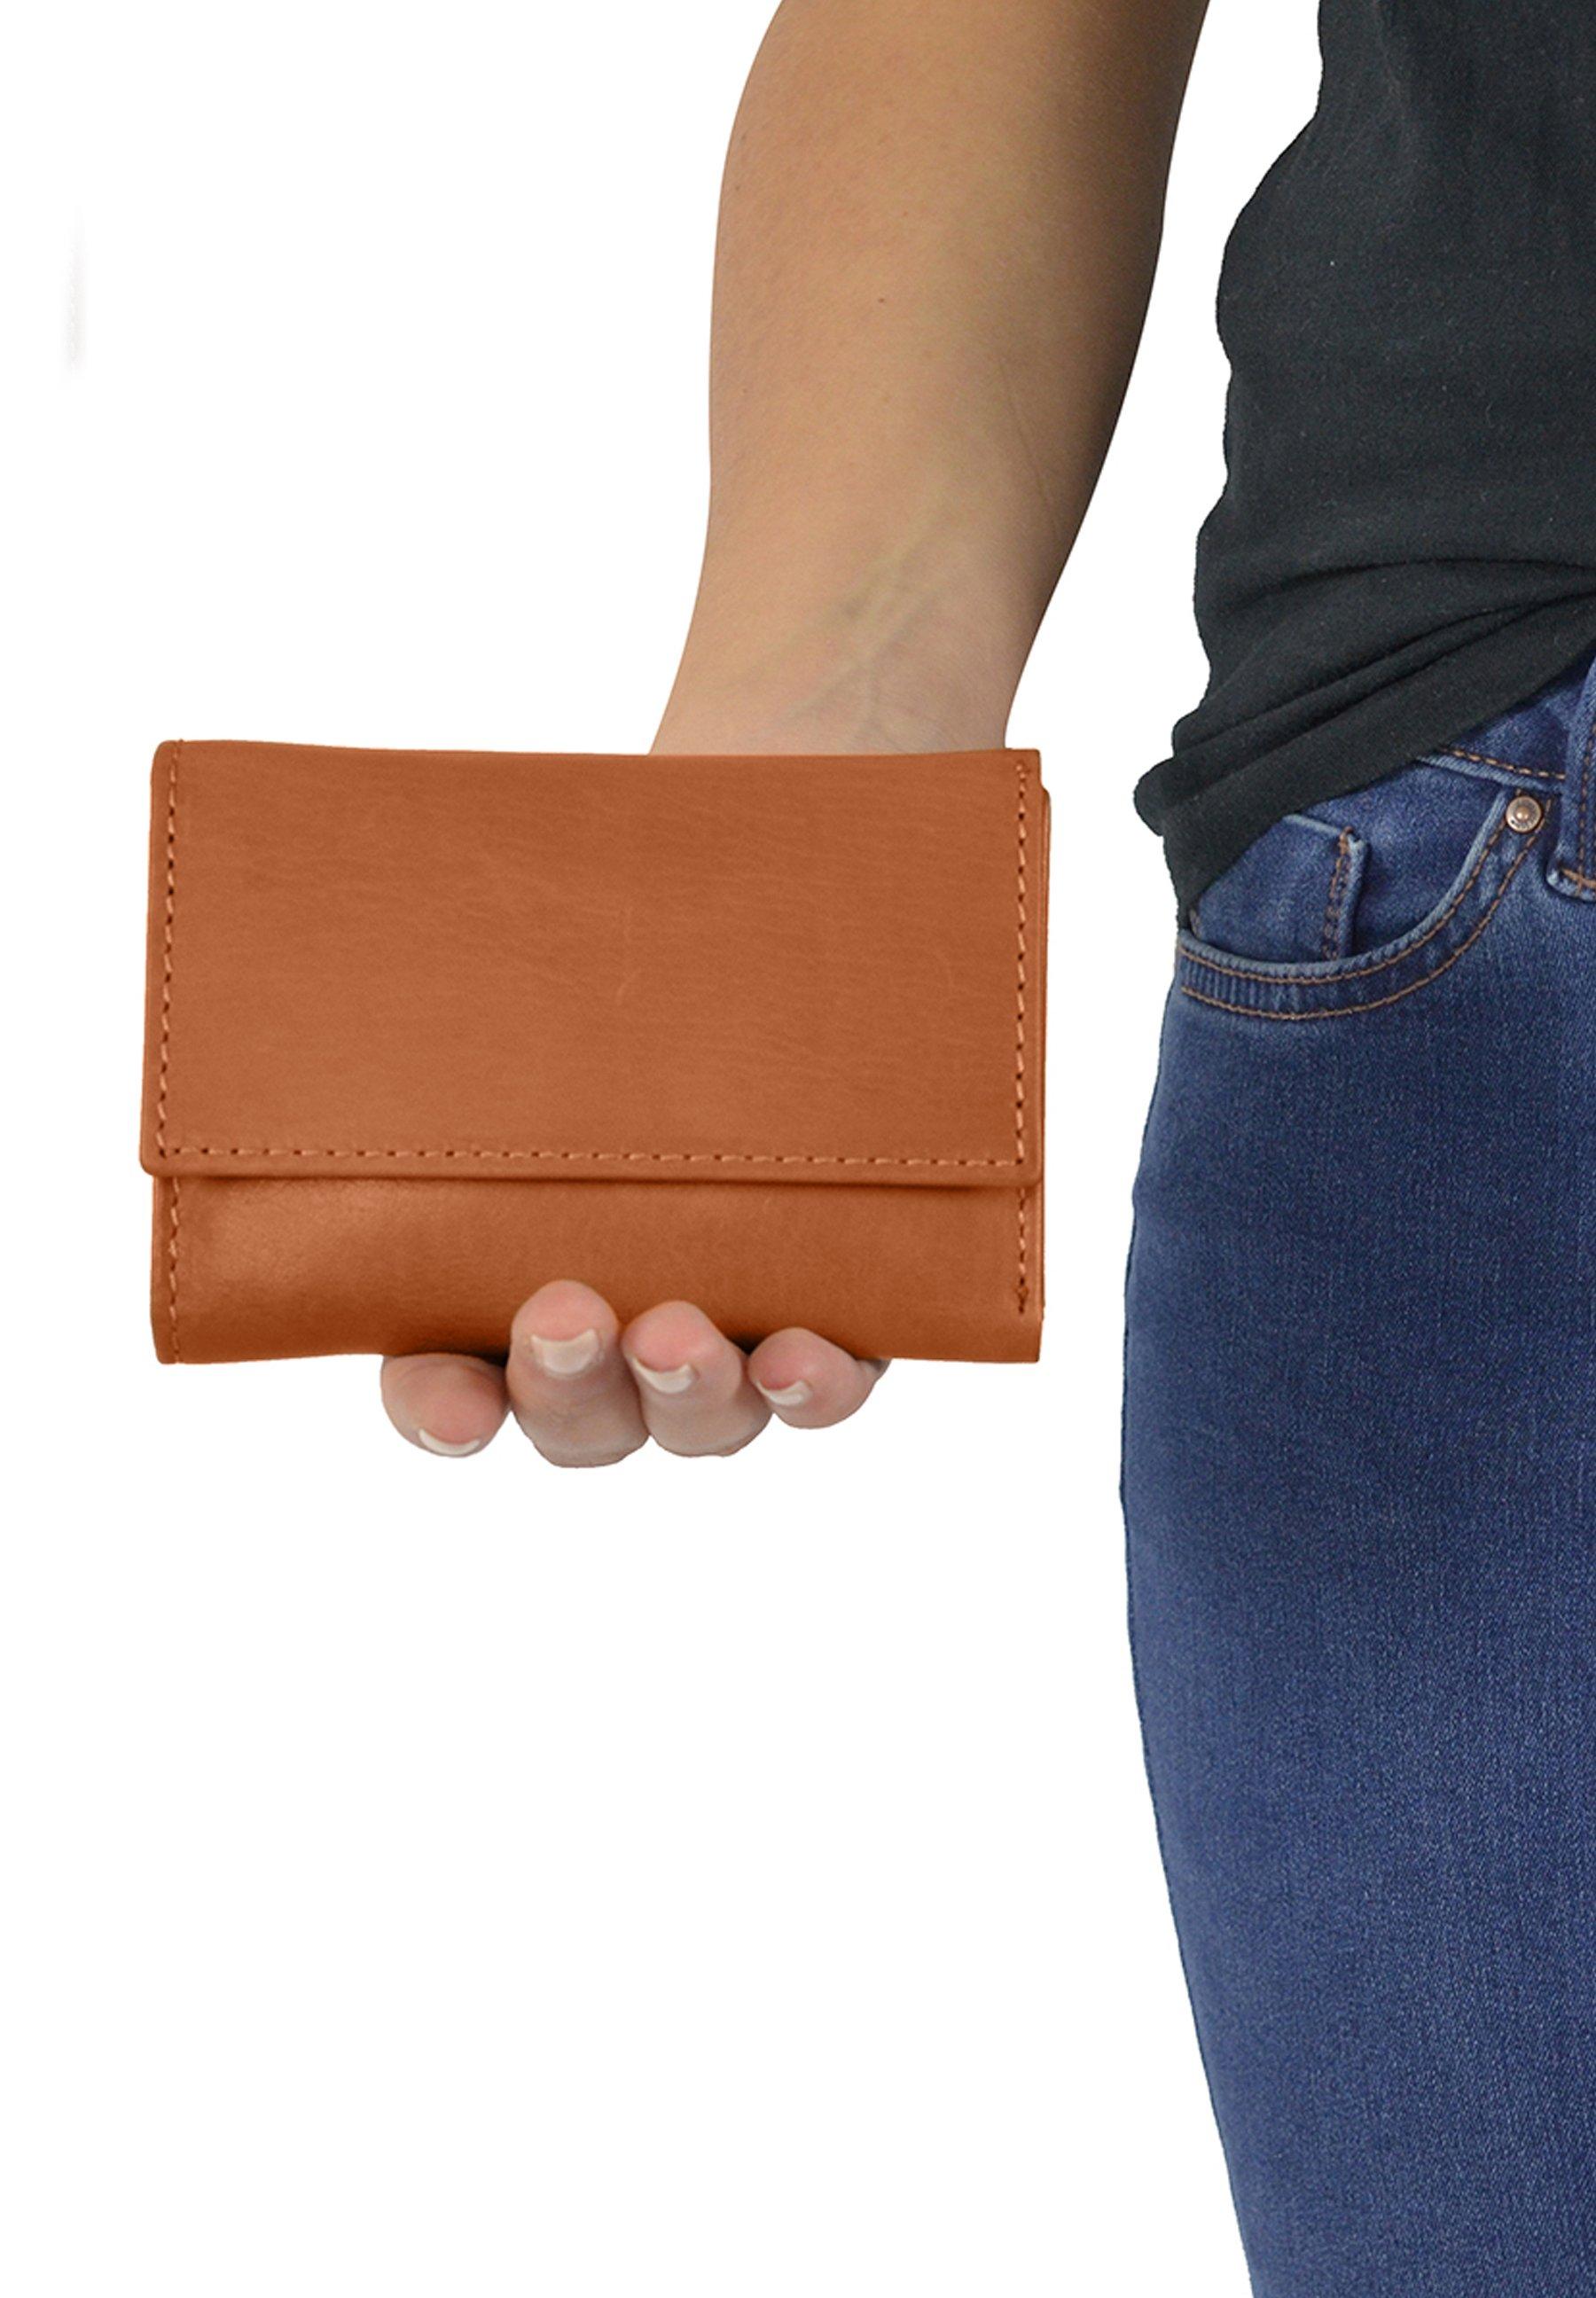 Damen Geldbörse